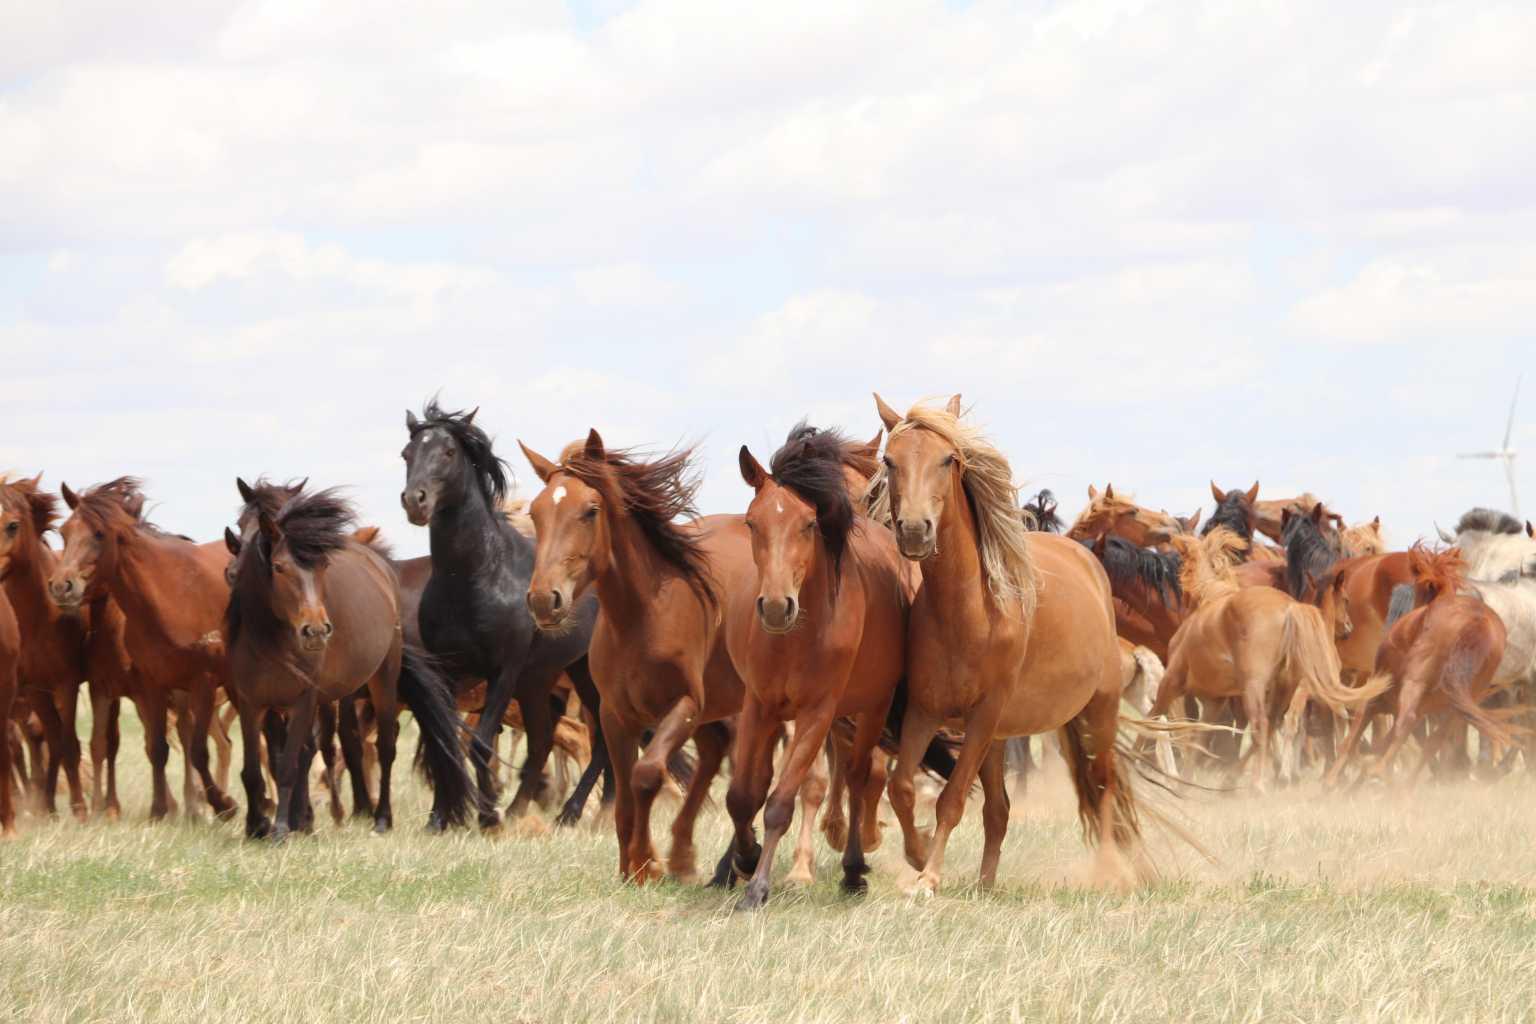 Τα άλογα εξημερώθηκαν πριν από 4.200 χρόνια – Τι αποκάλυψε το DNA τους